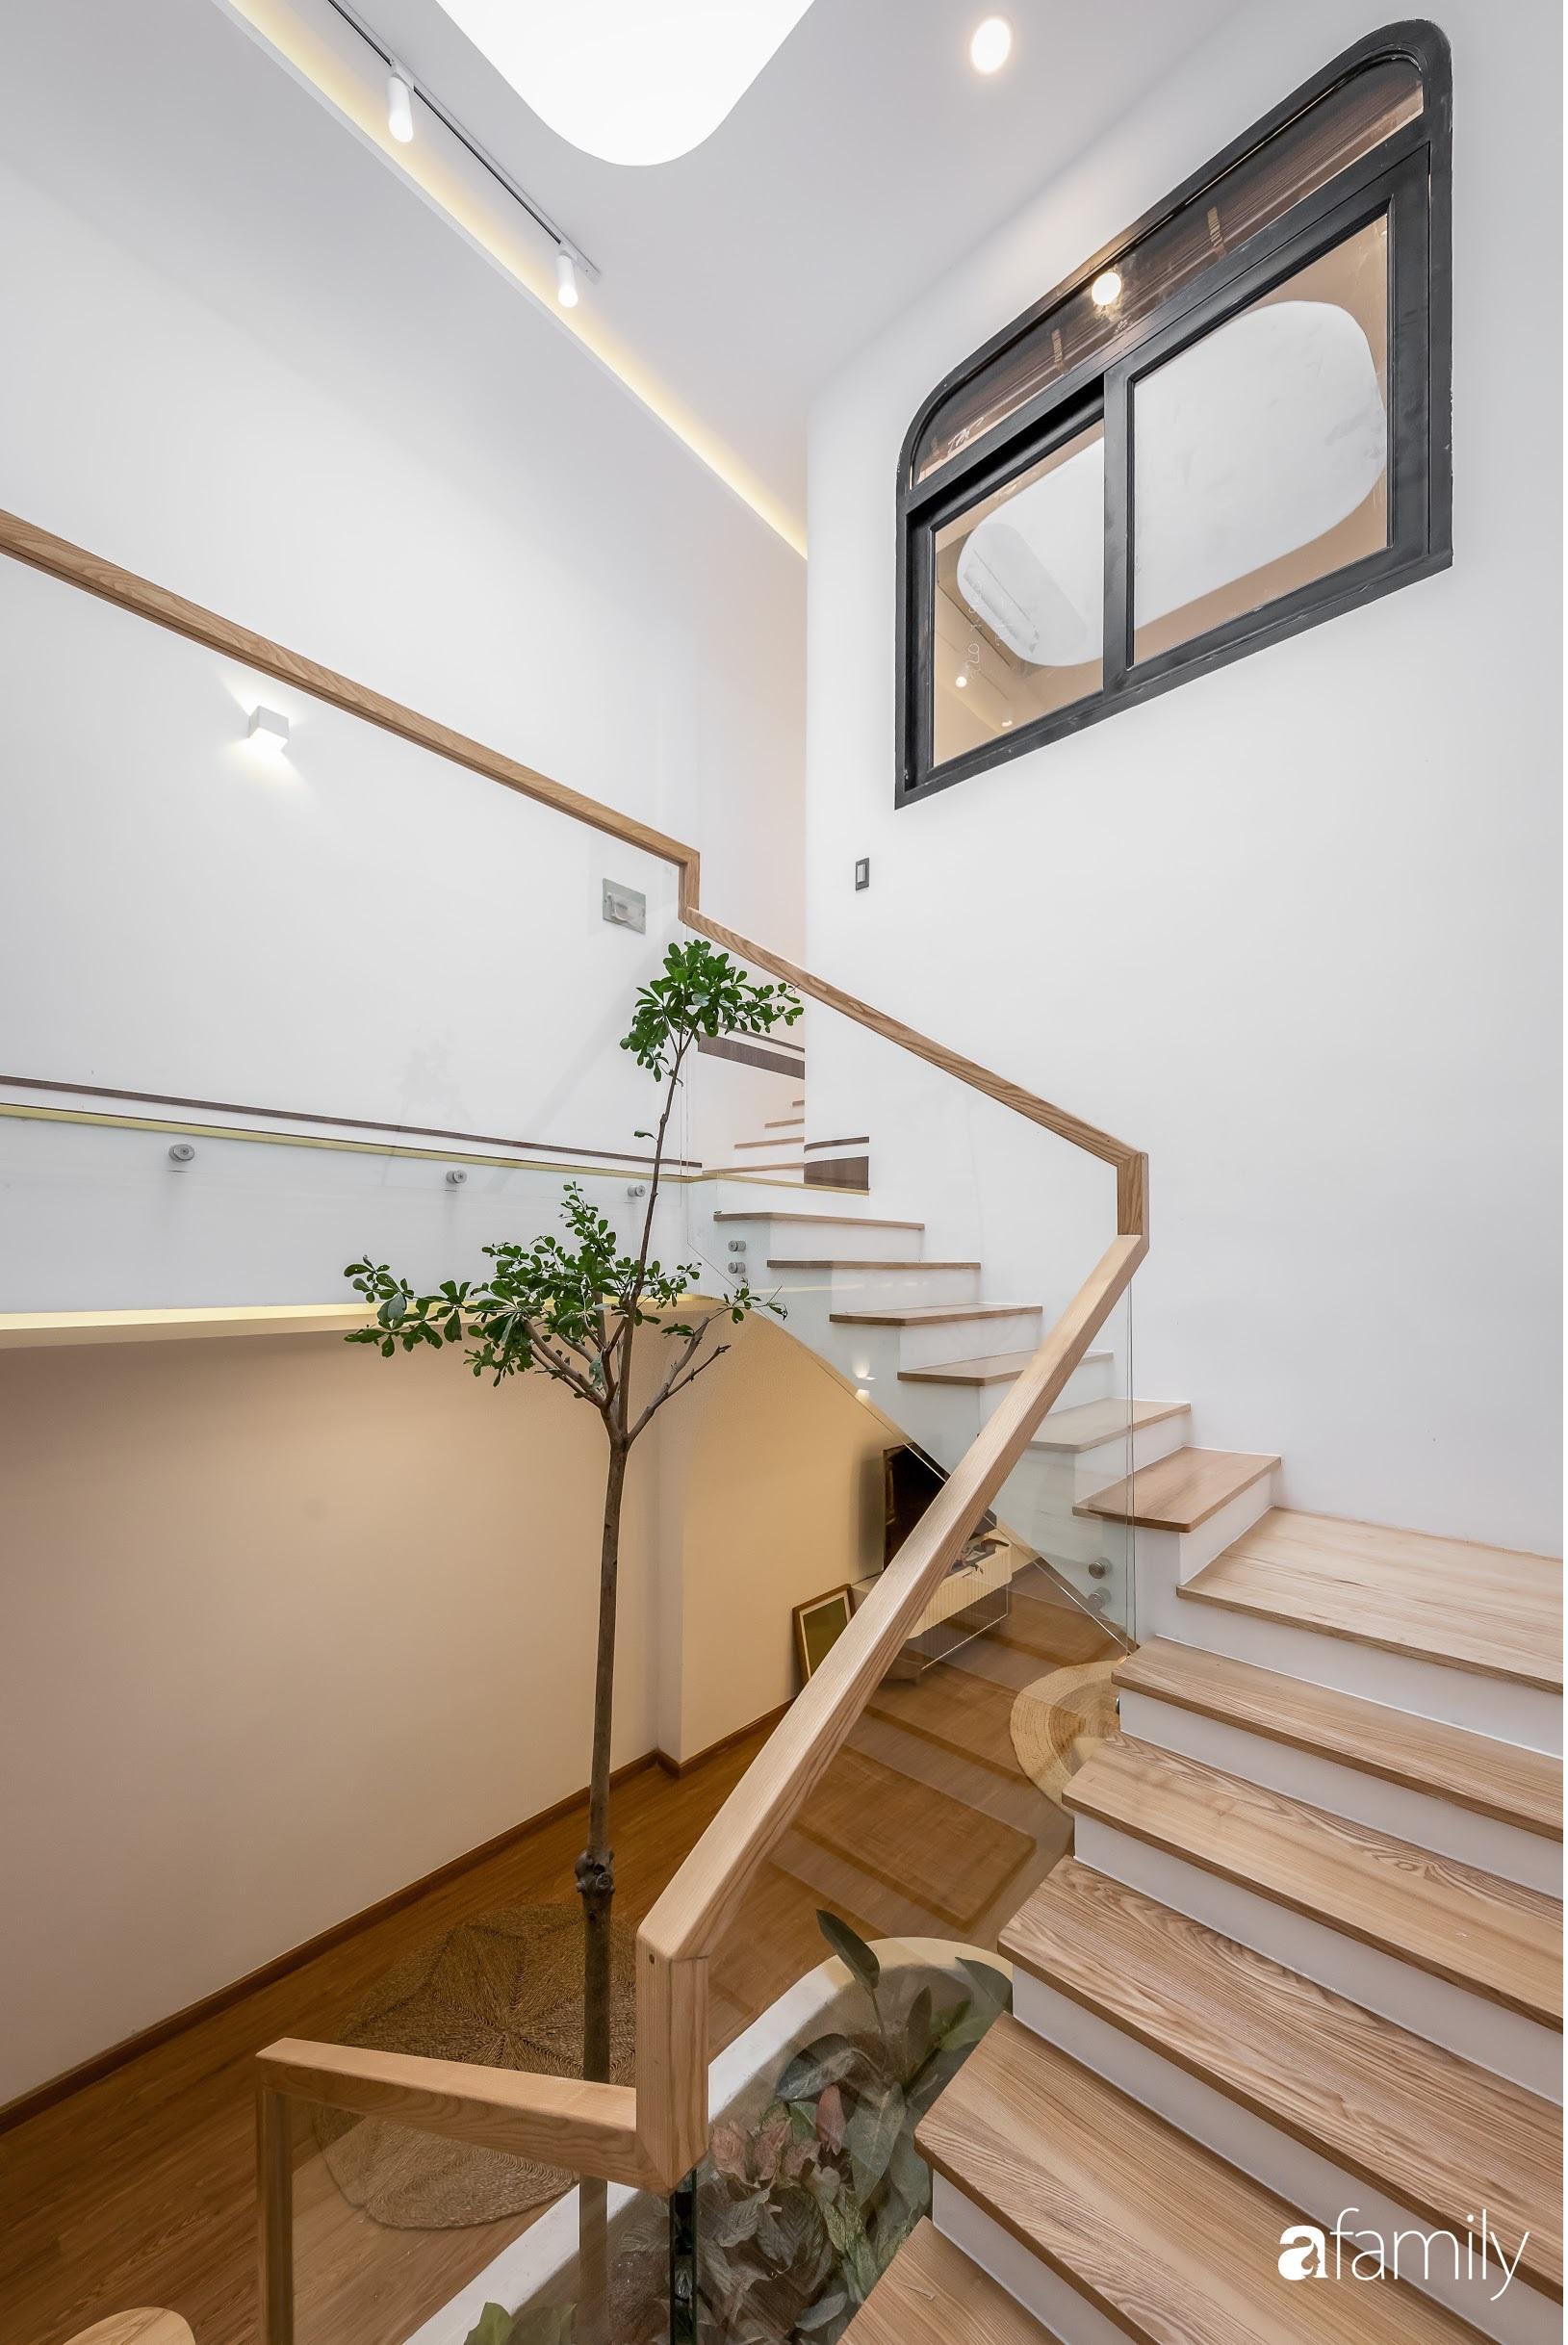 Nhà phố Tiền Giang đẹp hài hòa với thiết kế hiện đại, bố trí nội thất thông minh với chi phí 1,8 tỉ đồng - Ảnh 5.